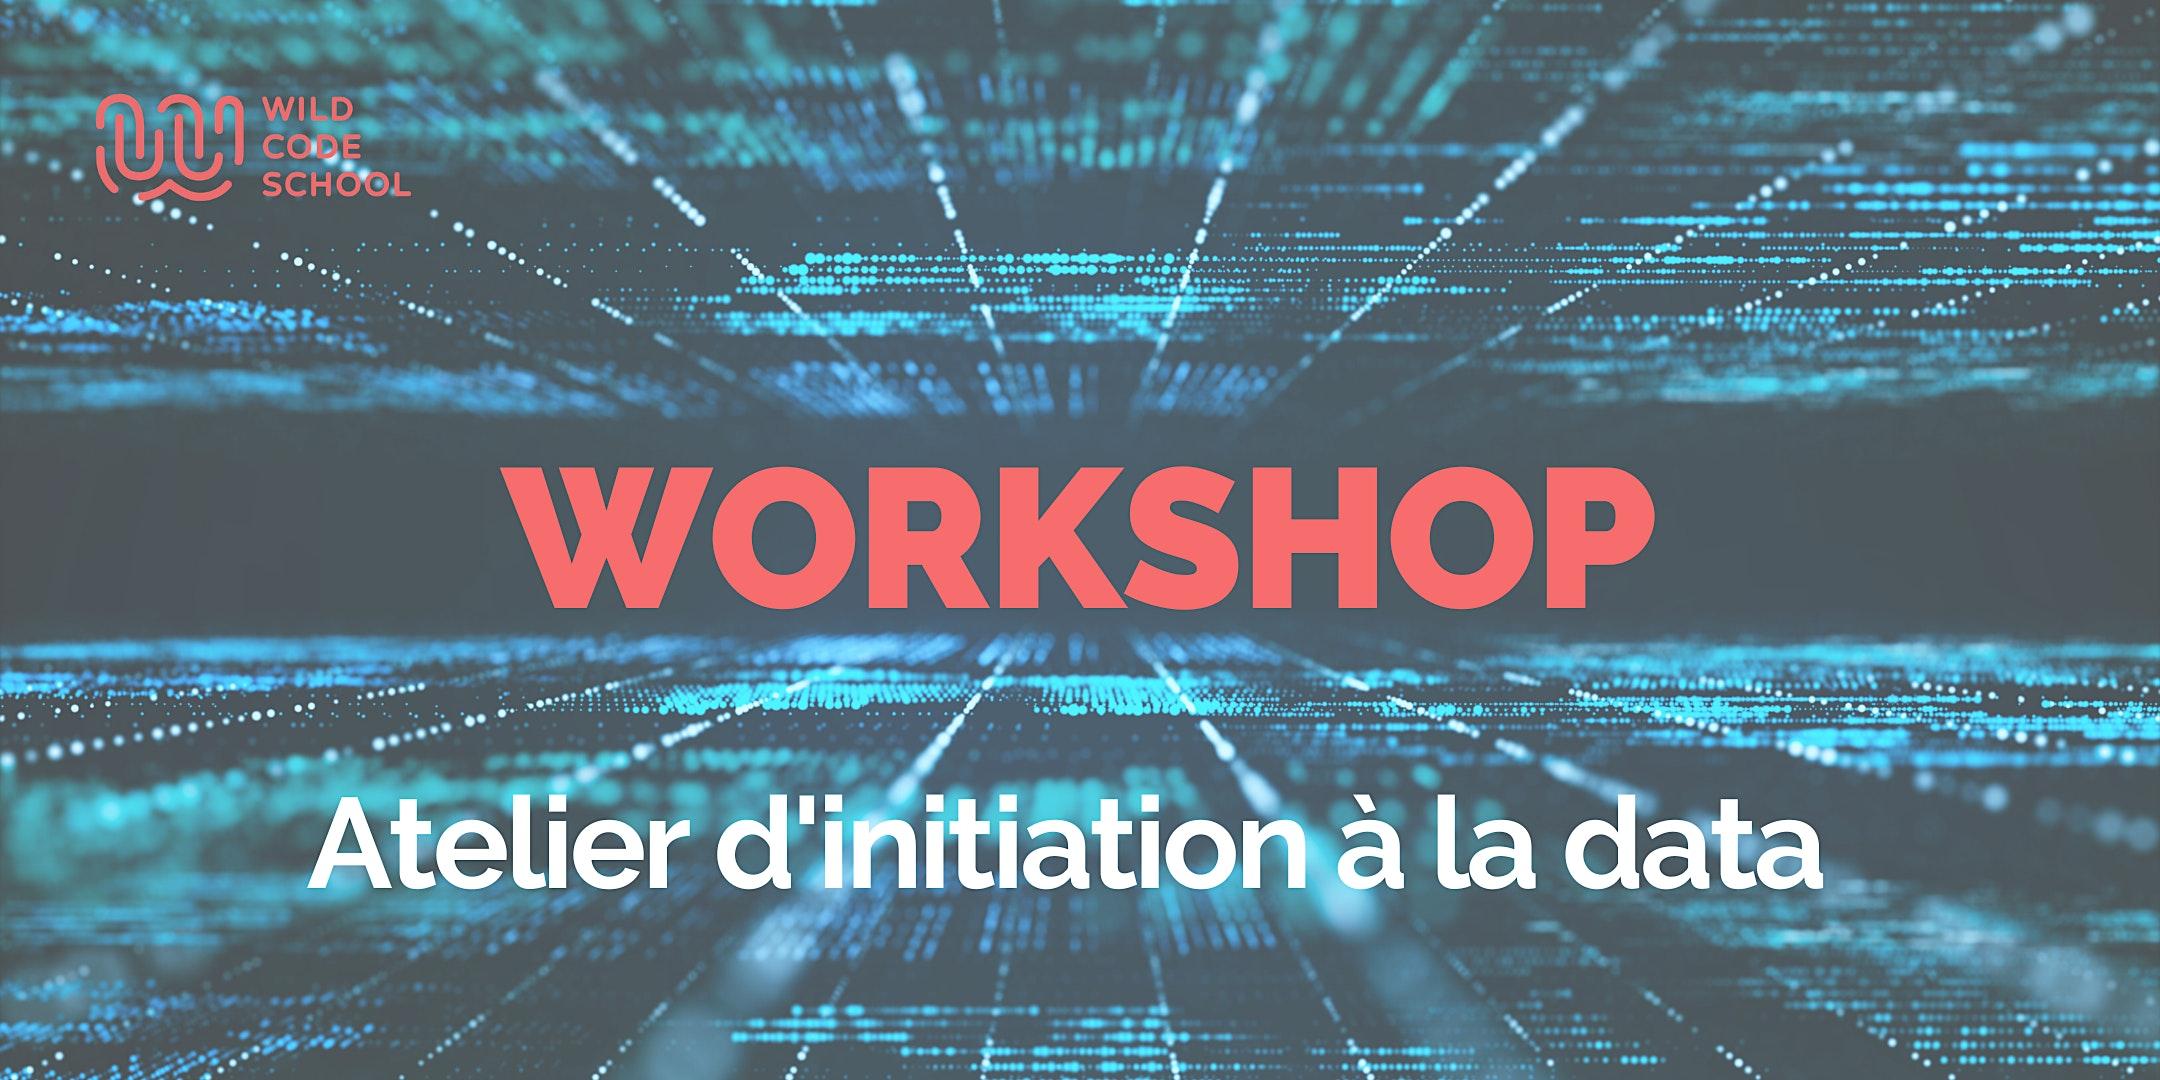 Atelier d'initiation à la Data - Wild Code School  Bruxelles